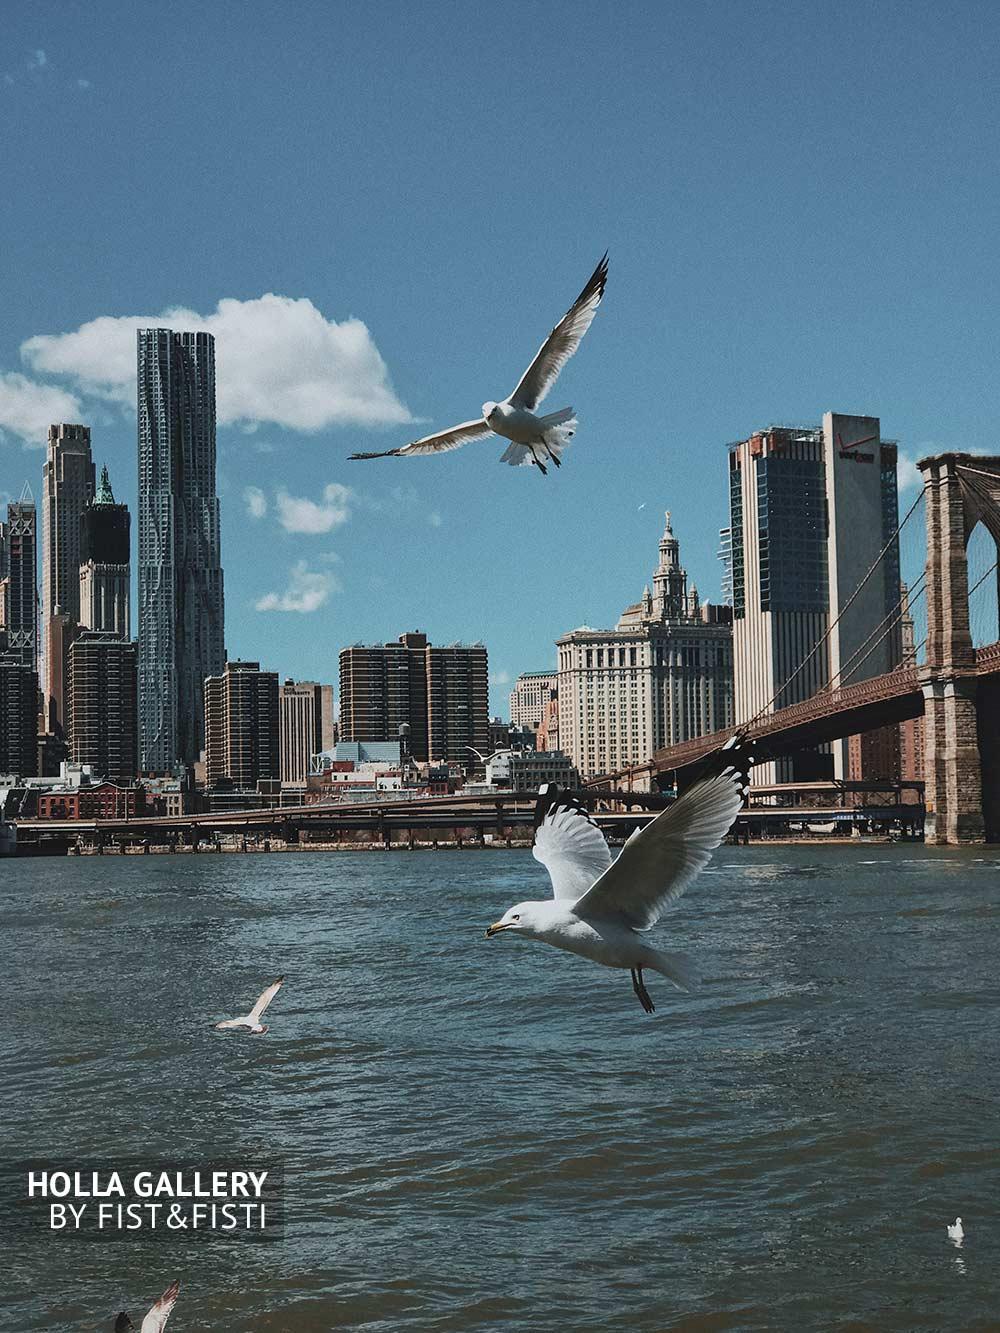 Чайки над Ист-Ривер в Нью-Йорке и вид на Манхэттенский мост. Фотография для интерьера